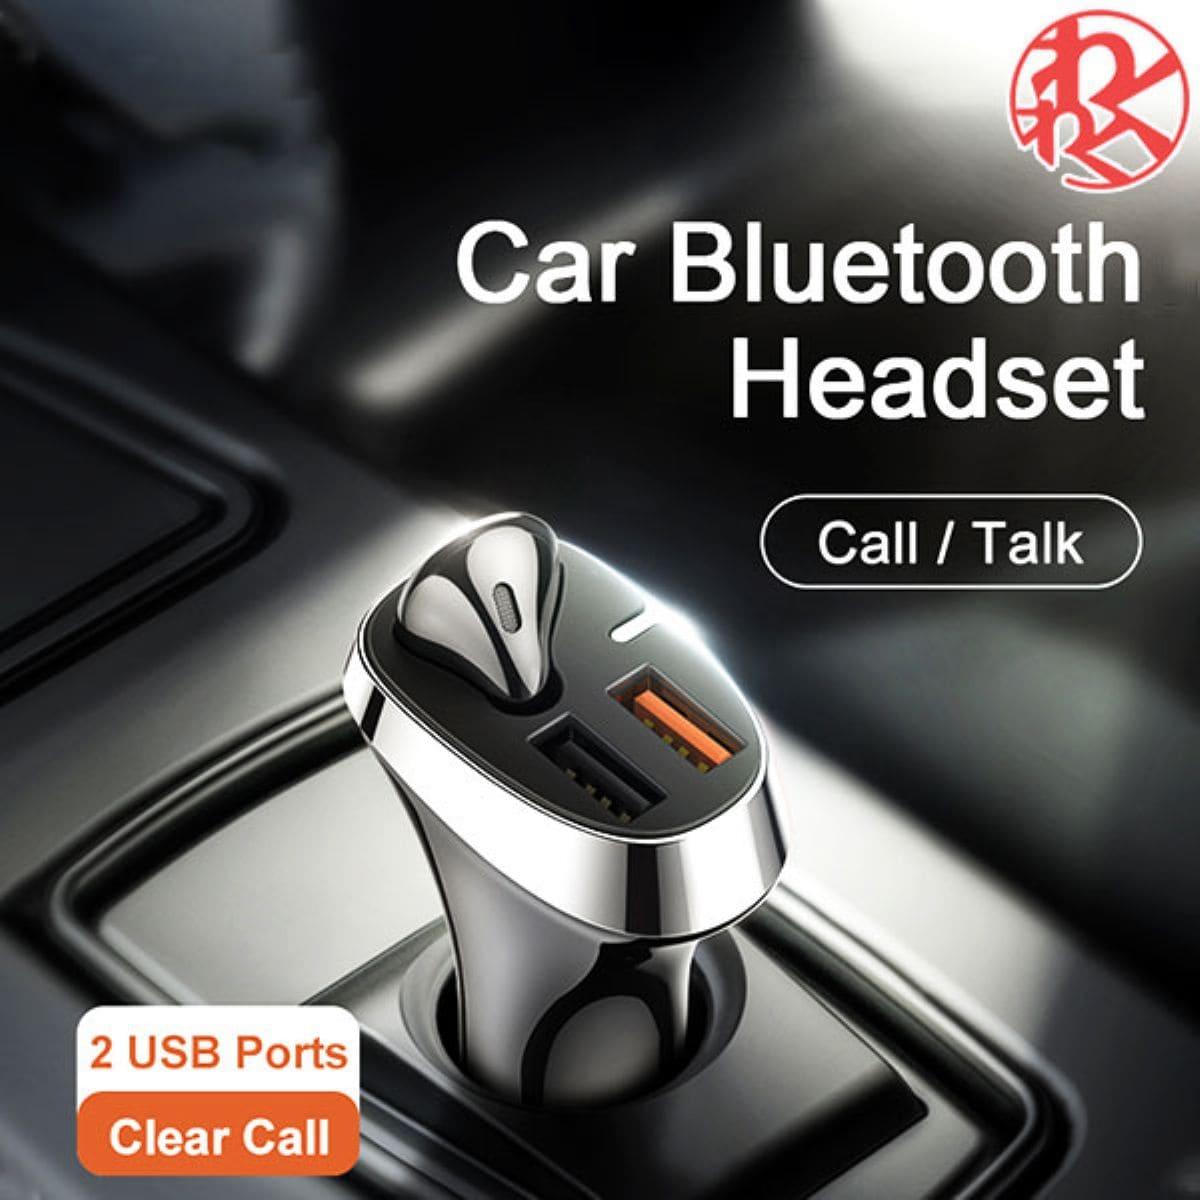 黒 ブラック ホワイト ワイヤレス イヤホン ヘッドフォン 車 充電器 usb シガーソケット マーケット 音楽 商舗 出力 Bluetooth わくわくファイネスト ハンズフリー 片耳 通話